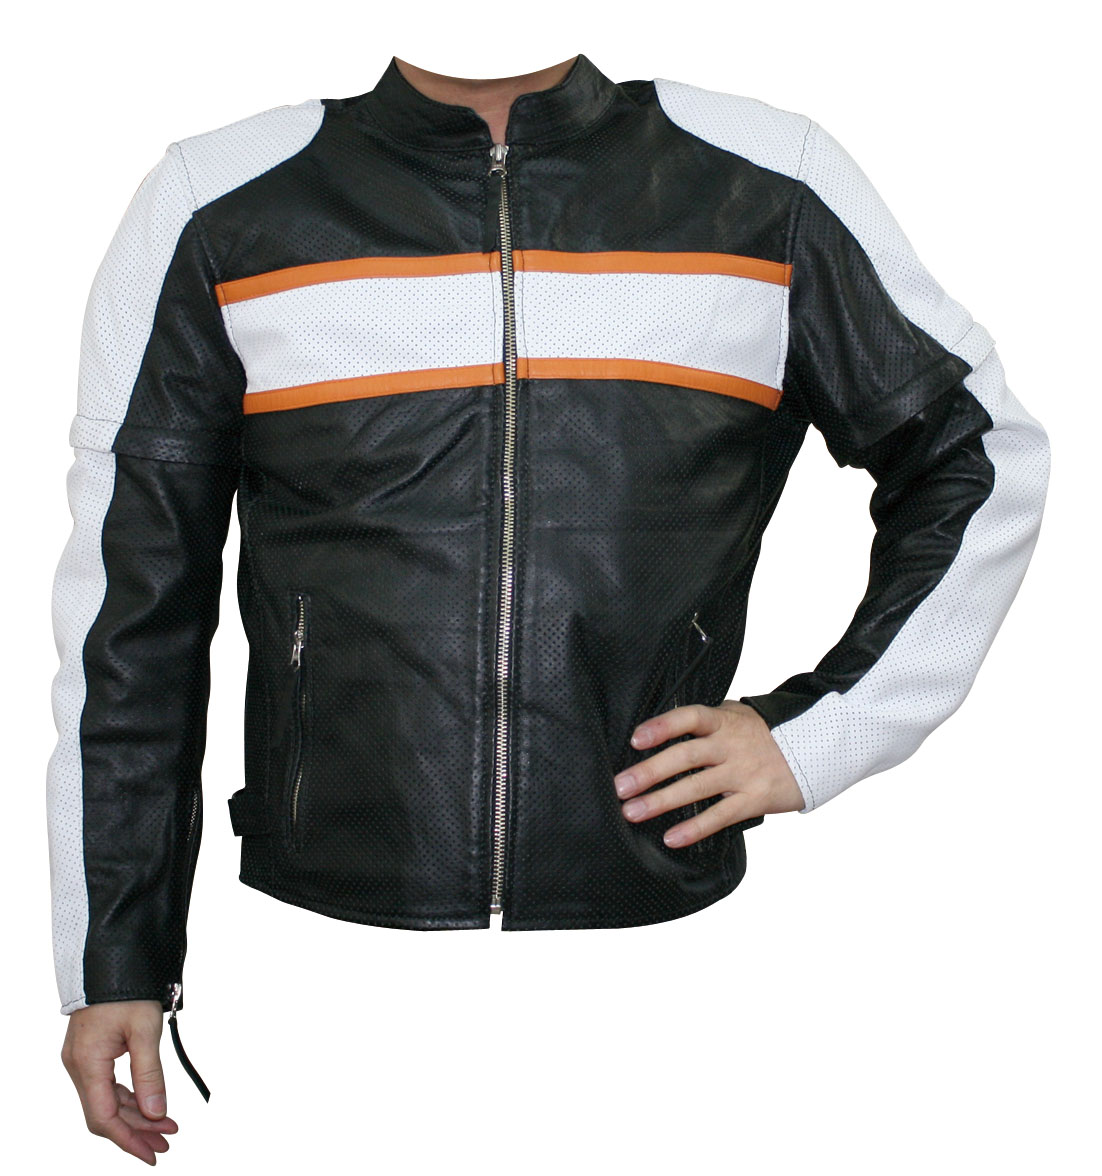 モトフィールド MOTO FIELD 春夏モデル シープパンチングレザージャケット 黒/白 3Lサイズ MF-LJ019P HD店